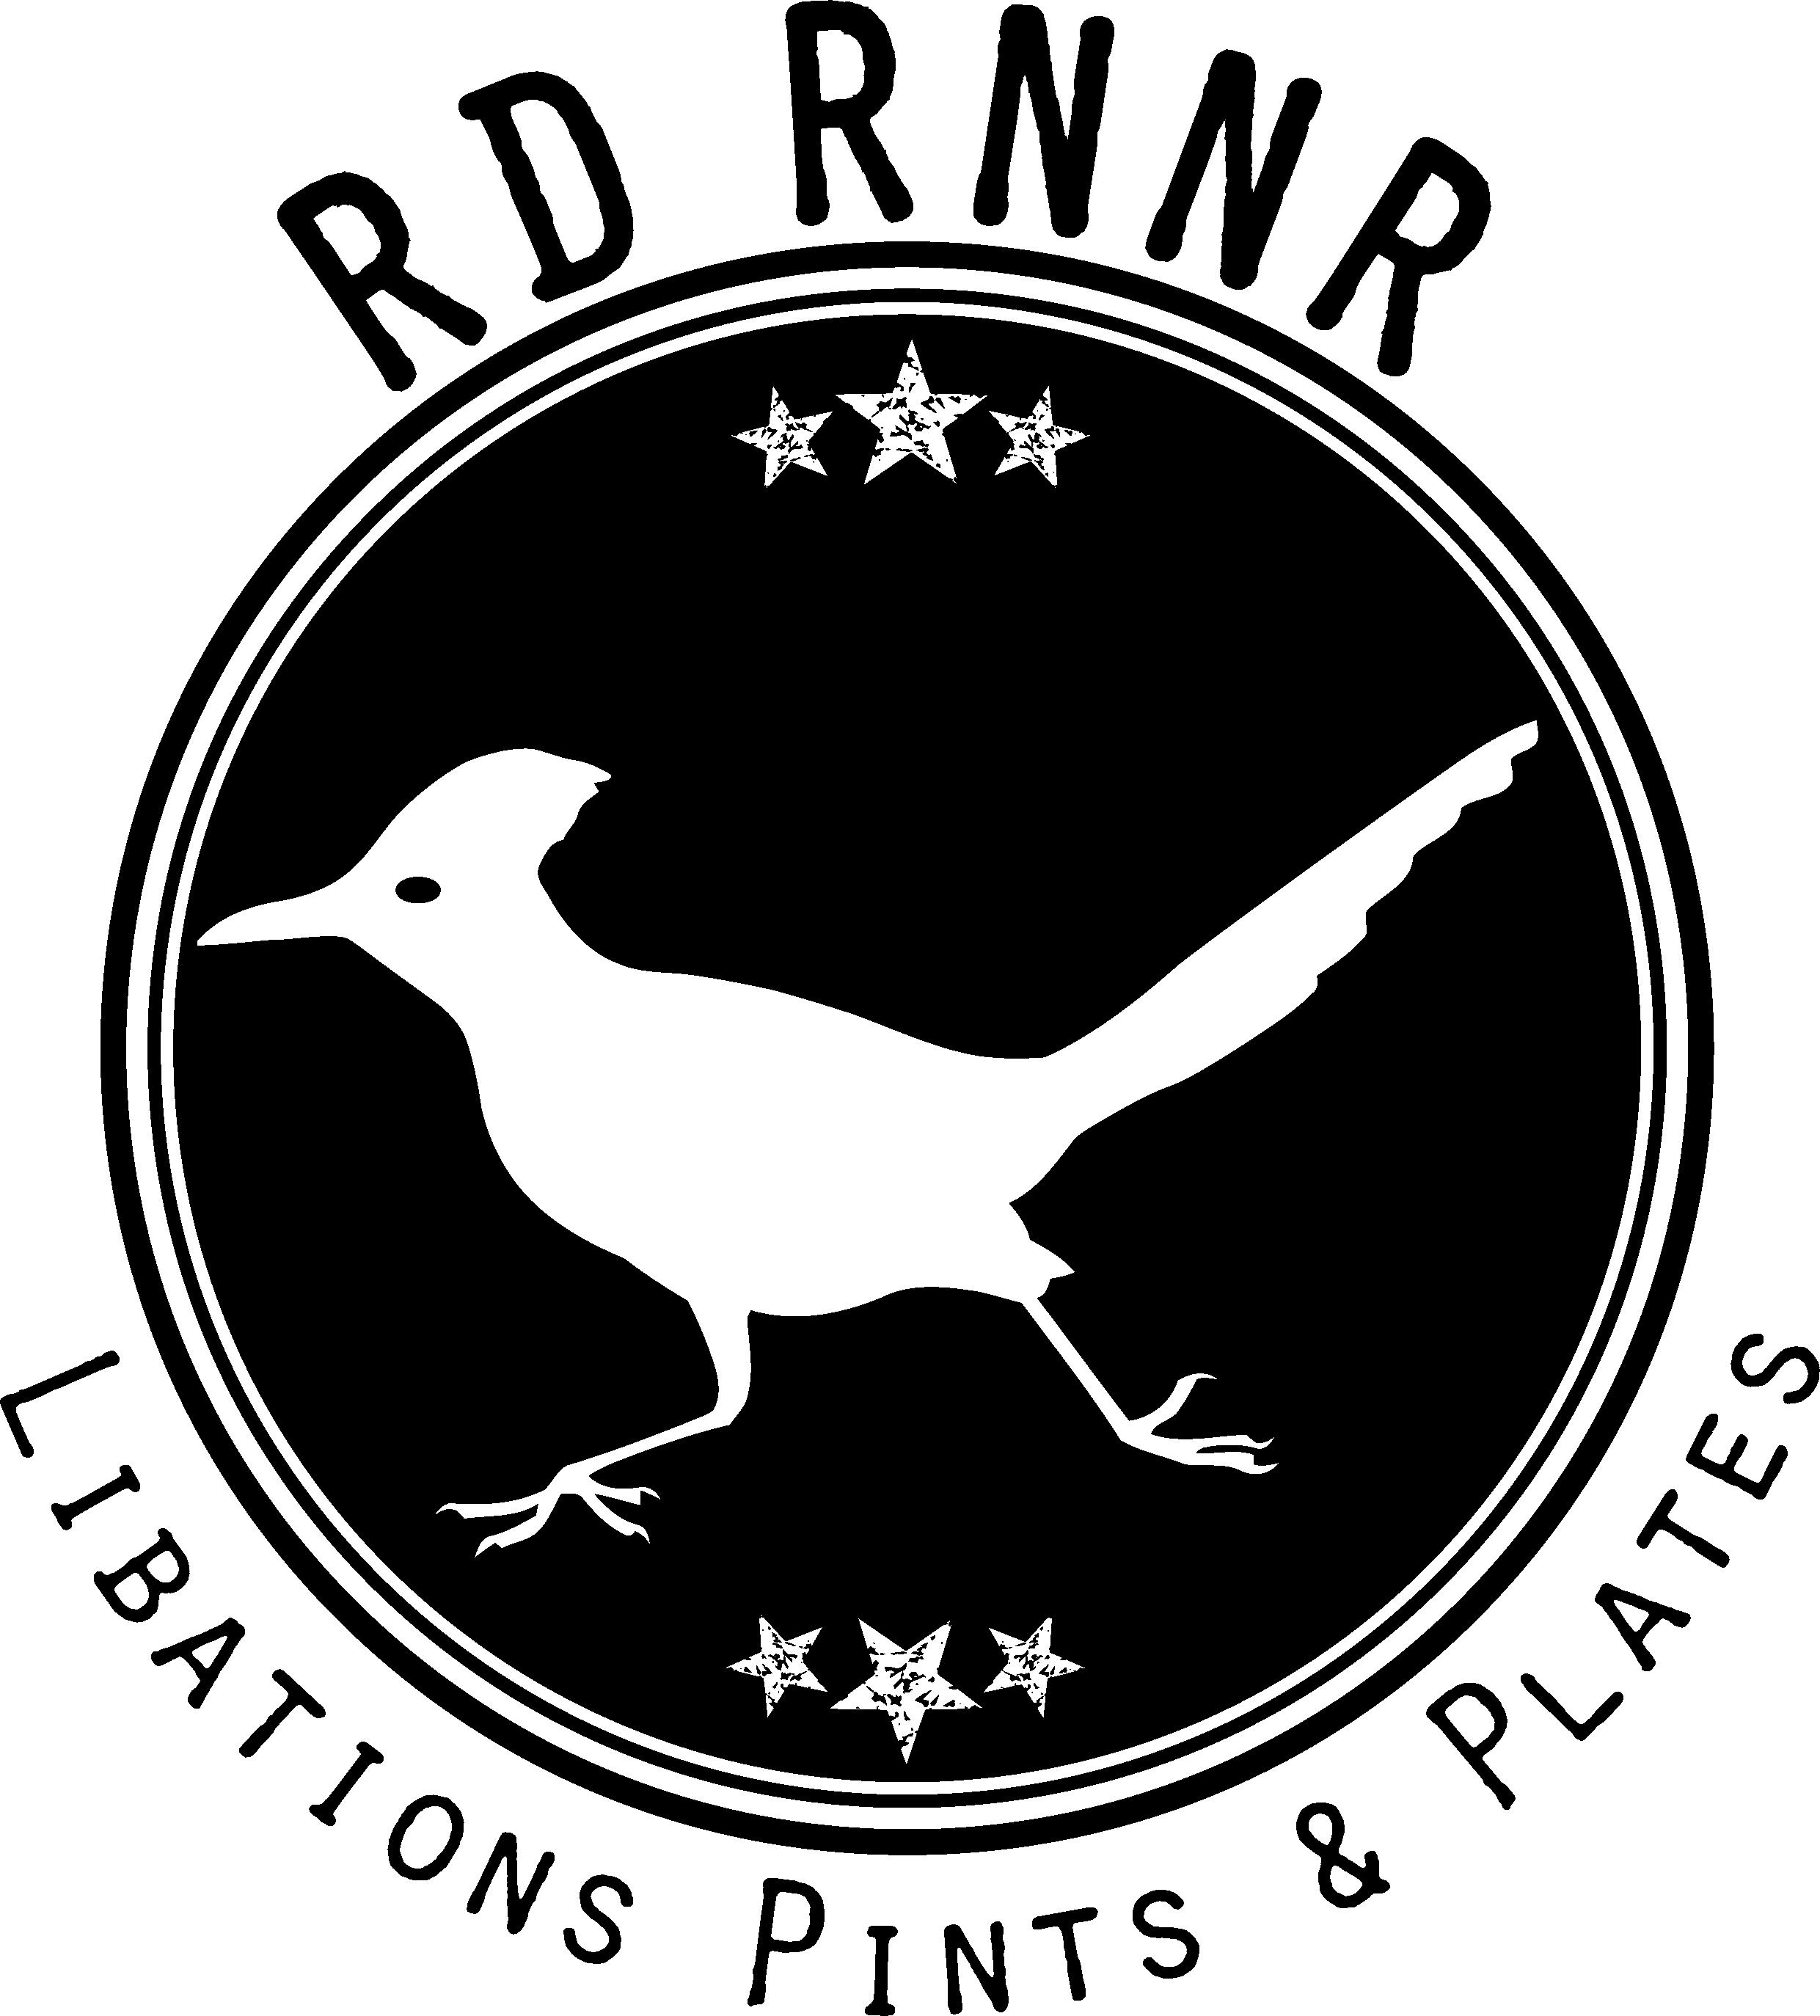 RD RNNR